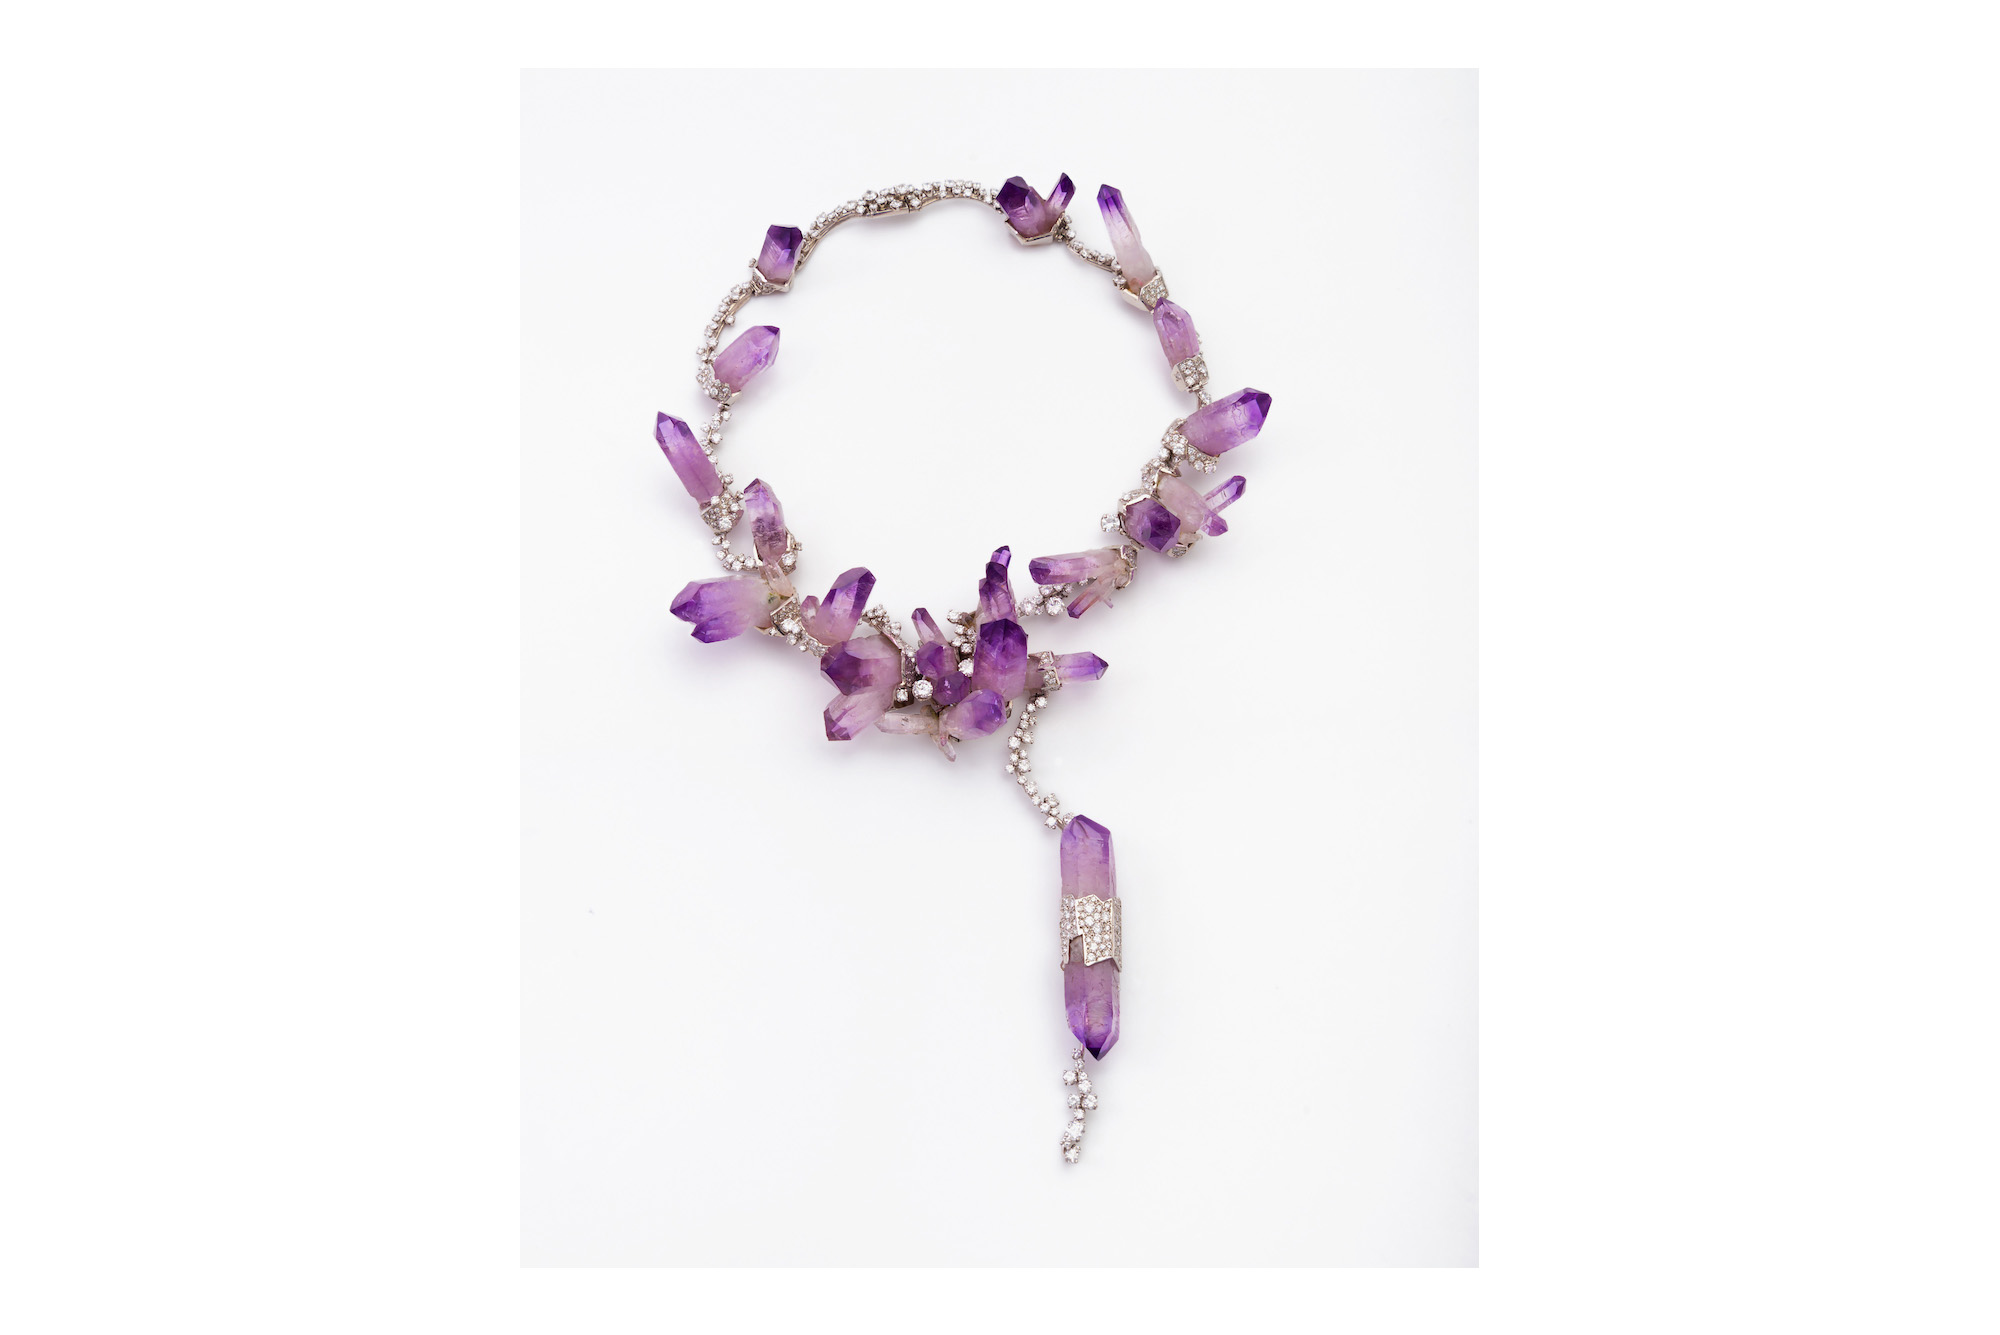 Halsschmuck aus violetten Steinen